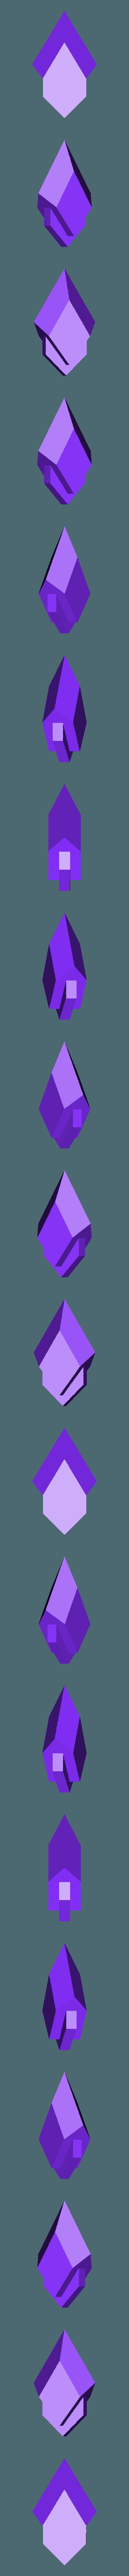 GABC.stl Télécharger fichier STL gratuit Epée de verre (Skyrim) • Modèle à imprimer en 3D, LarryBerstilta